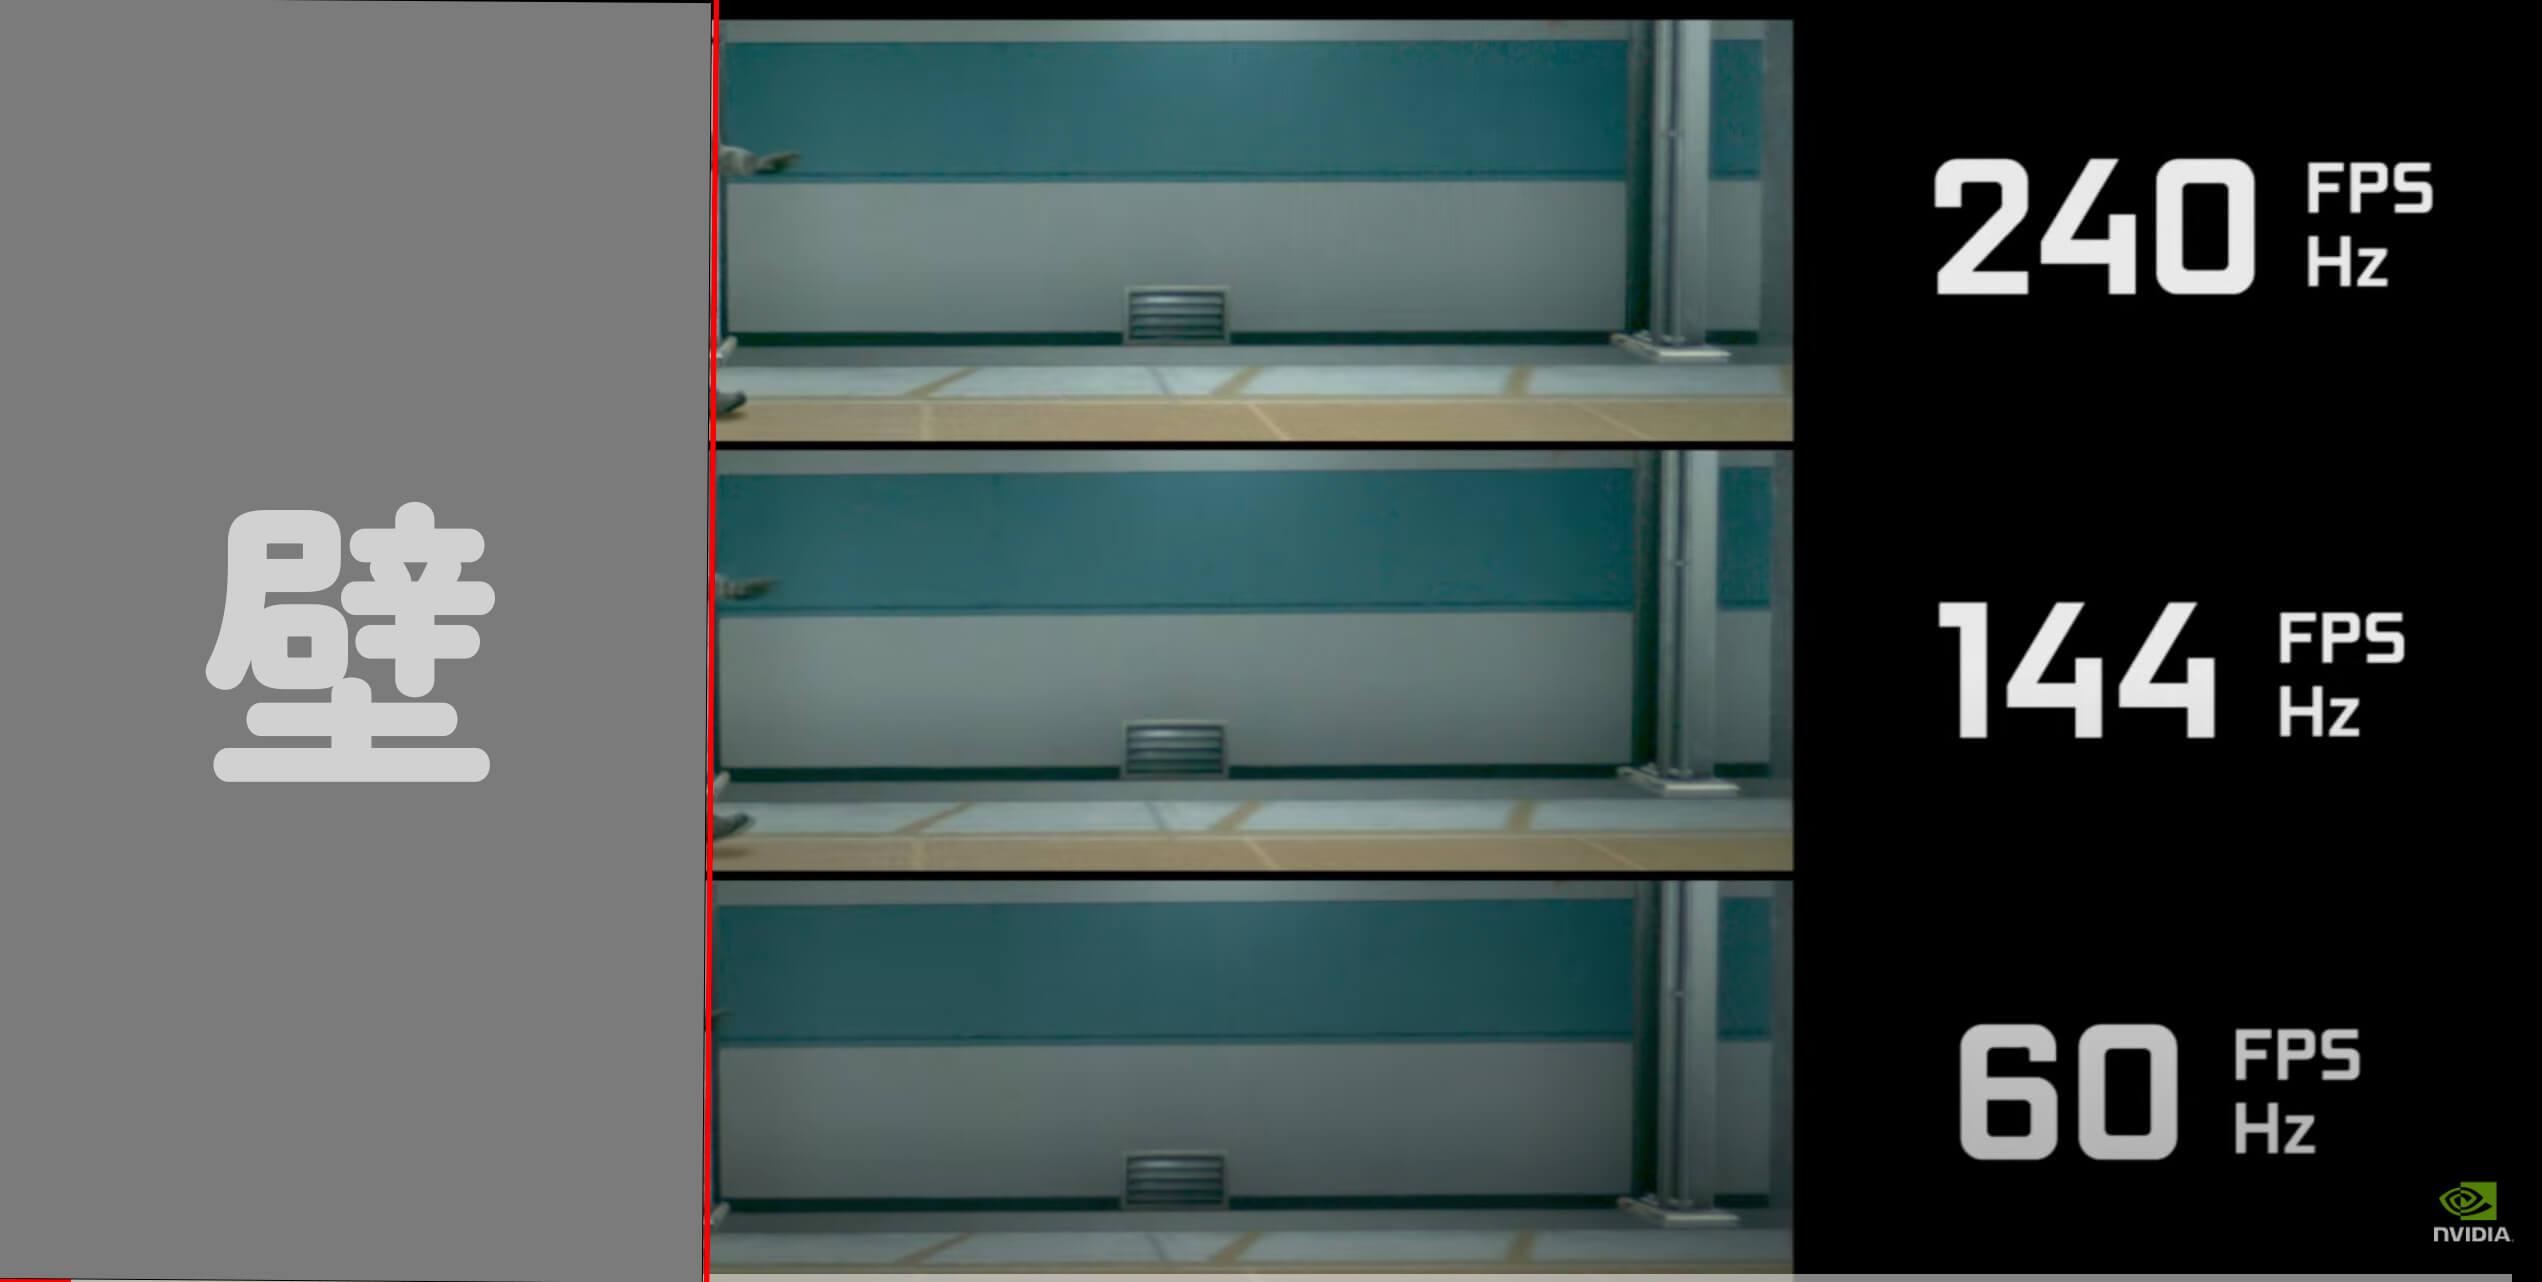 リフレッシュレートの違いを壁ありバーションでわかりやすく